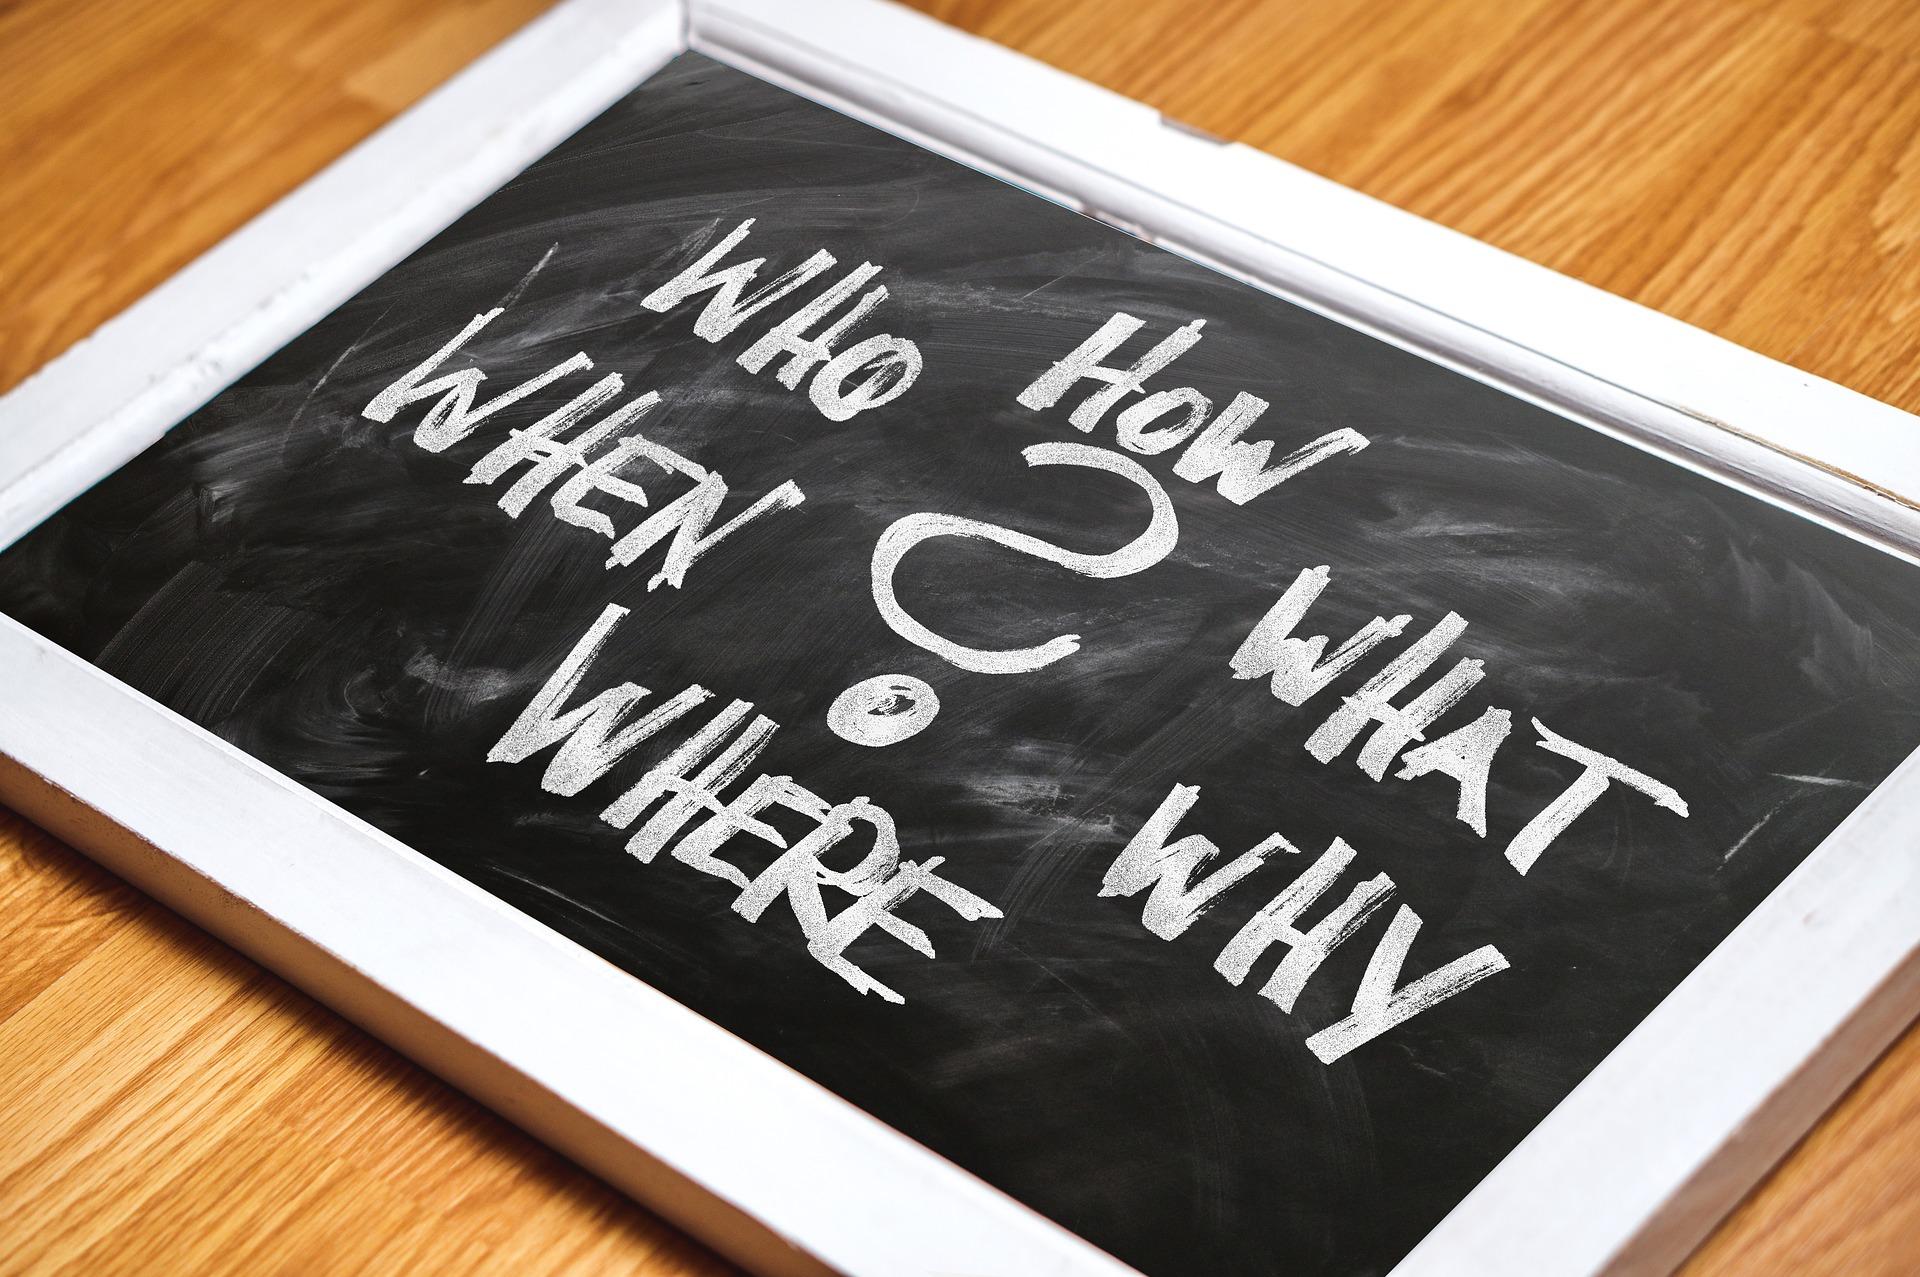 Die klassischen W-Fragen: Was? Wer? Wann? Wie? Wo? Warum?